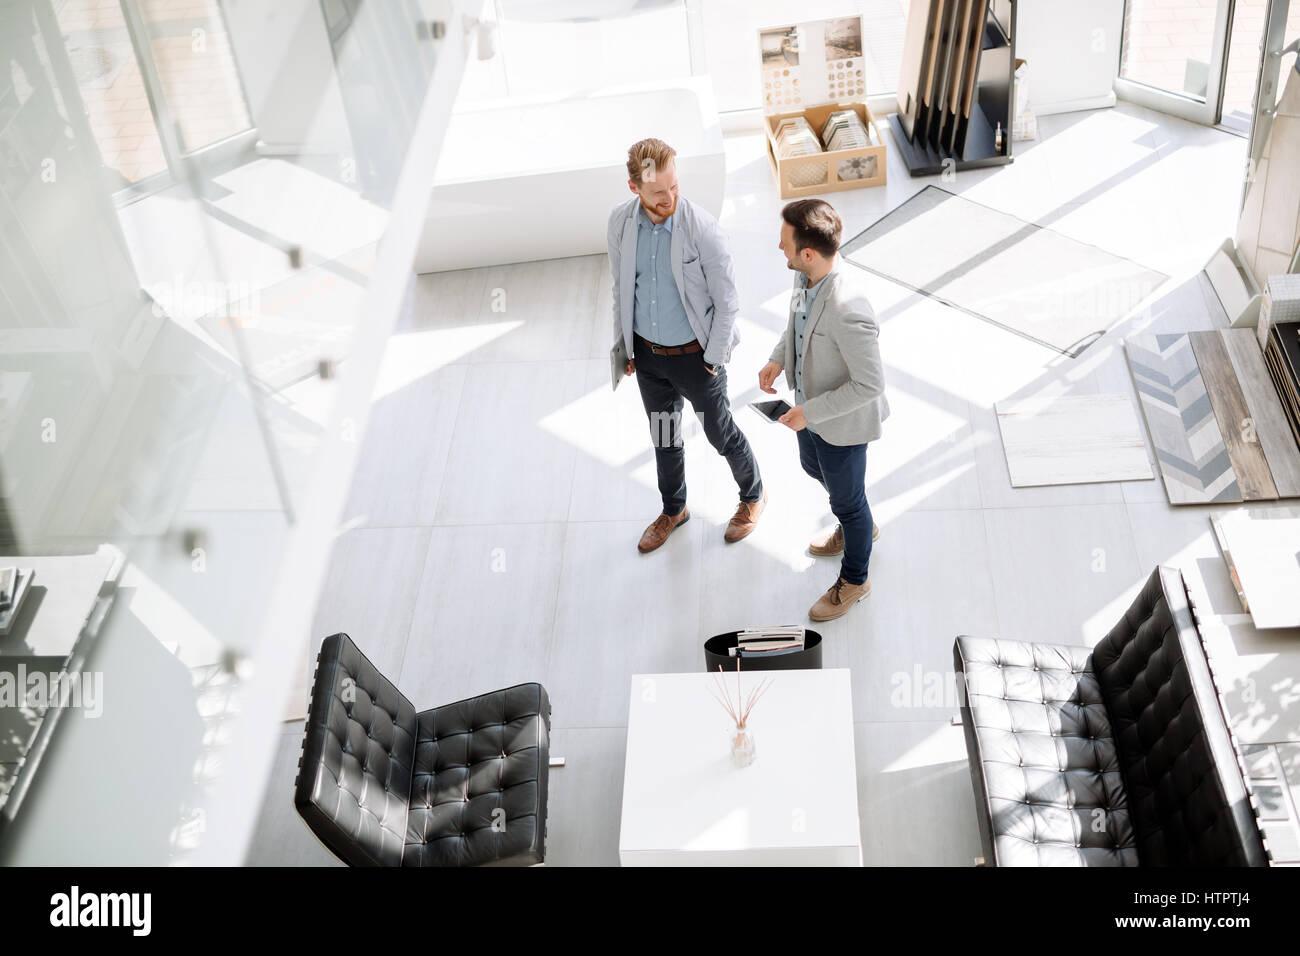 Dos clientes entrando en tienda de diseño interior Imagen De Stock